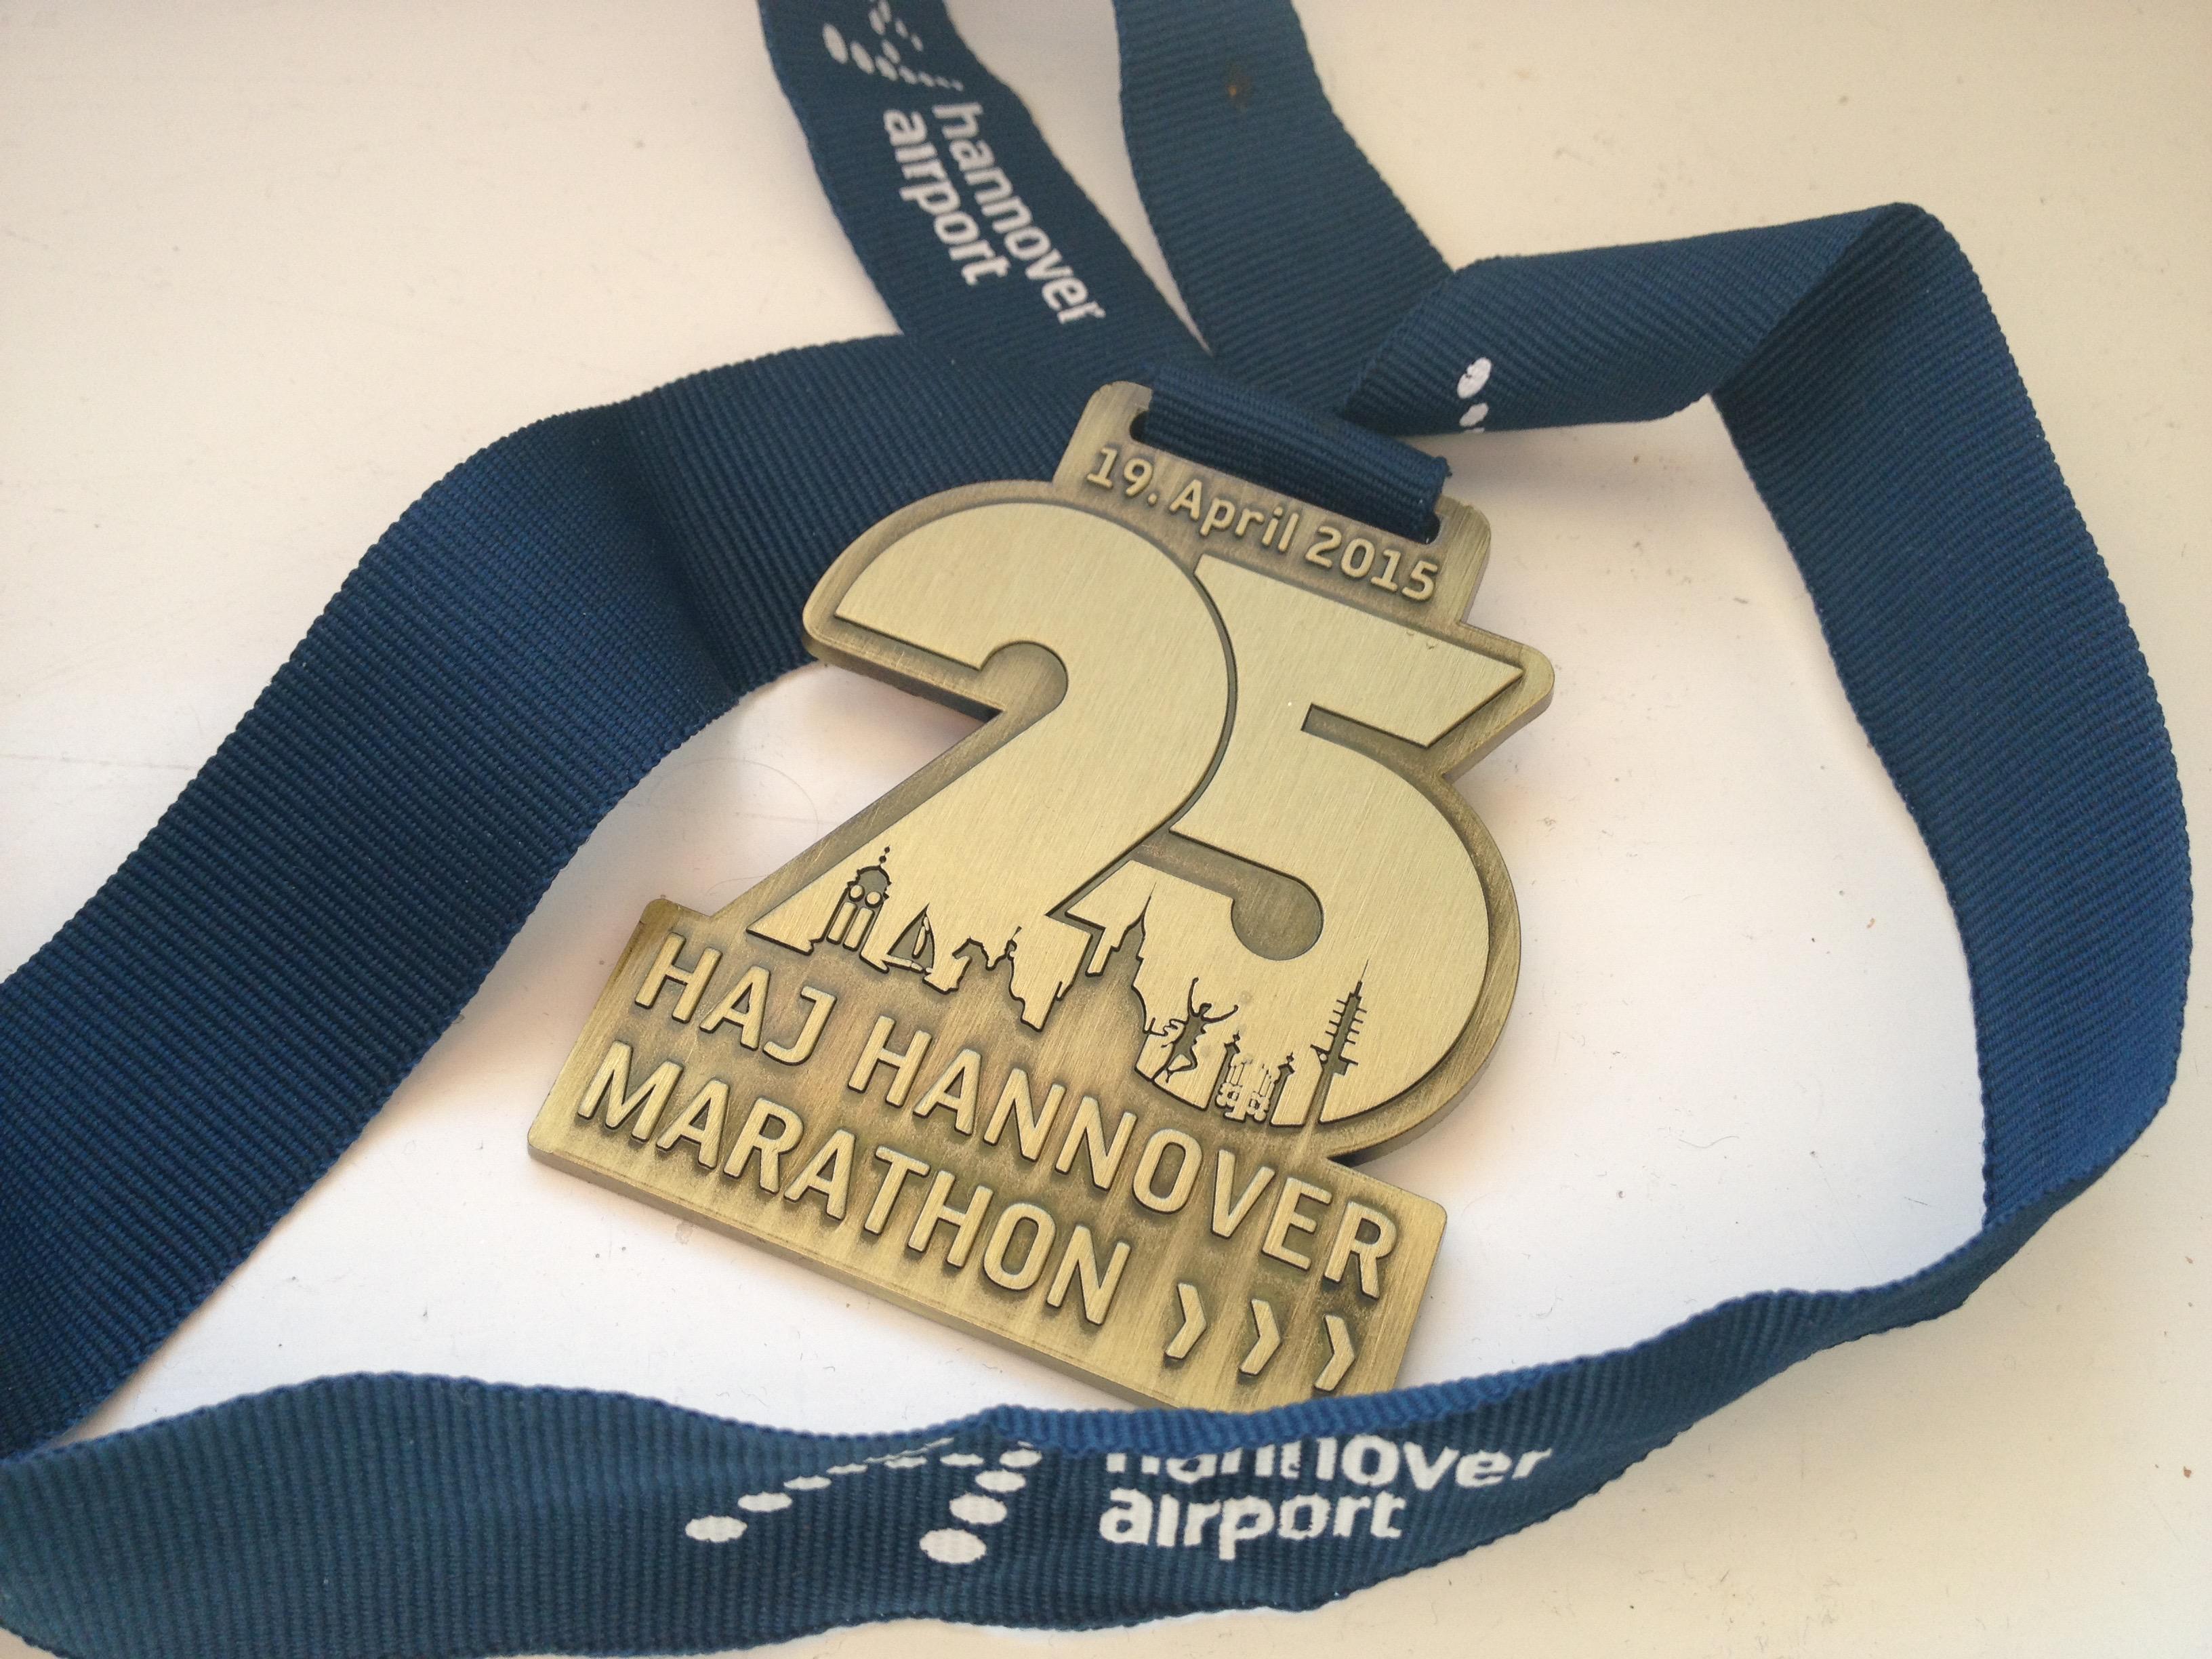 Geschafft! Der Marathon unter 3:30 Std. – HAJ Hannover Marathon 2015